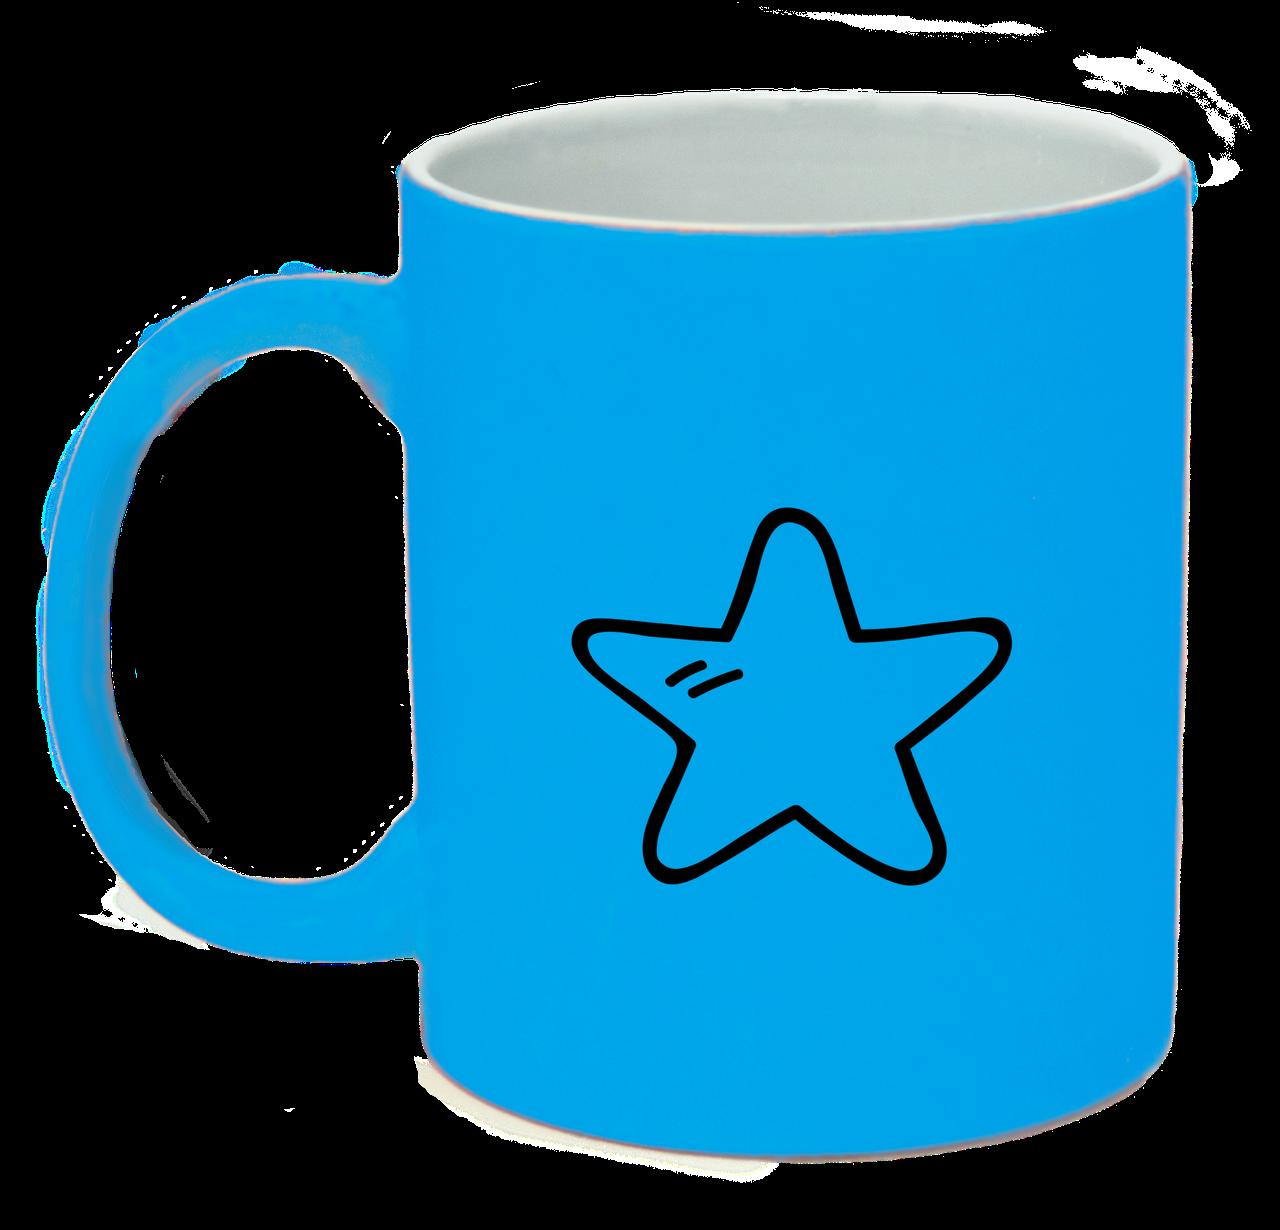 Неоновая матовая чашка Звездочка, ярко-голубая